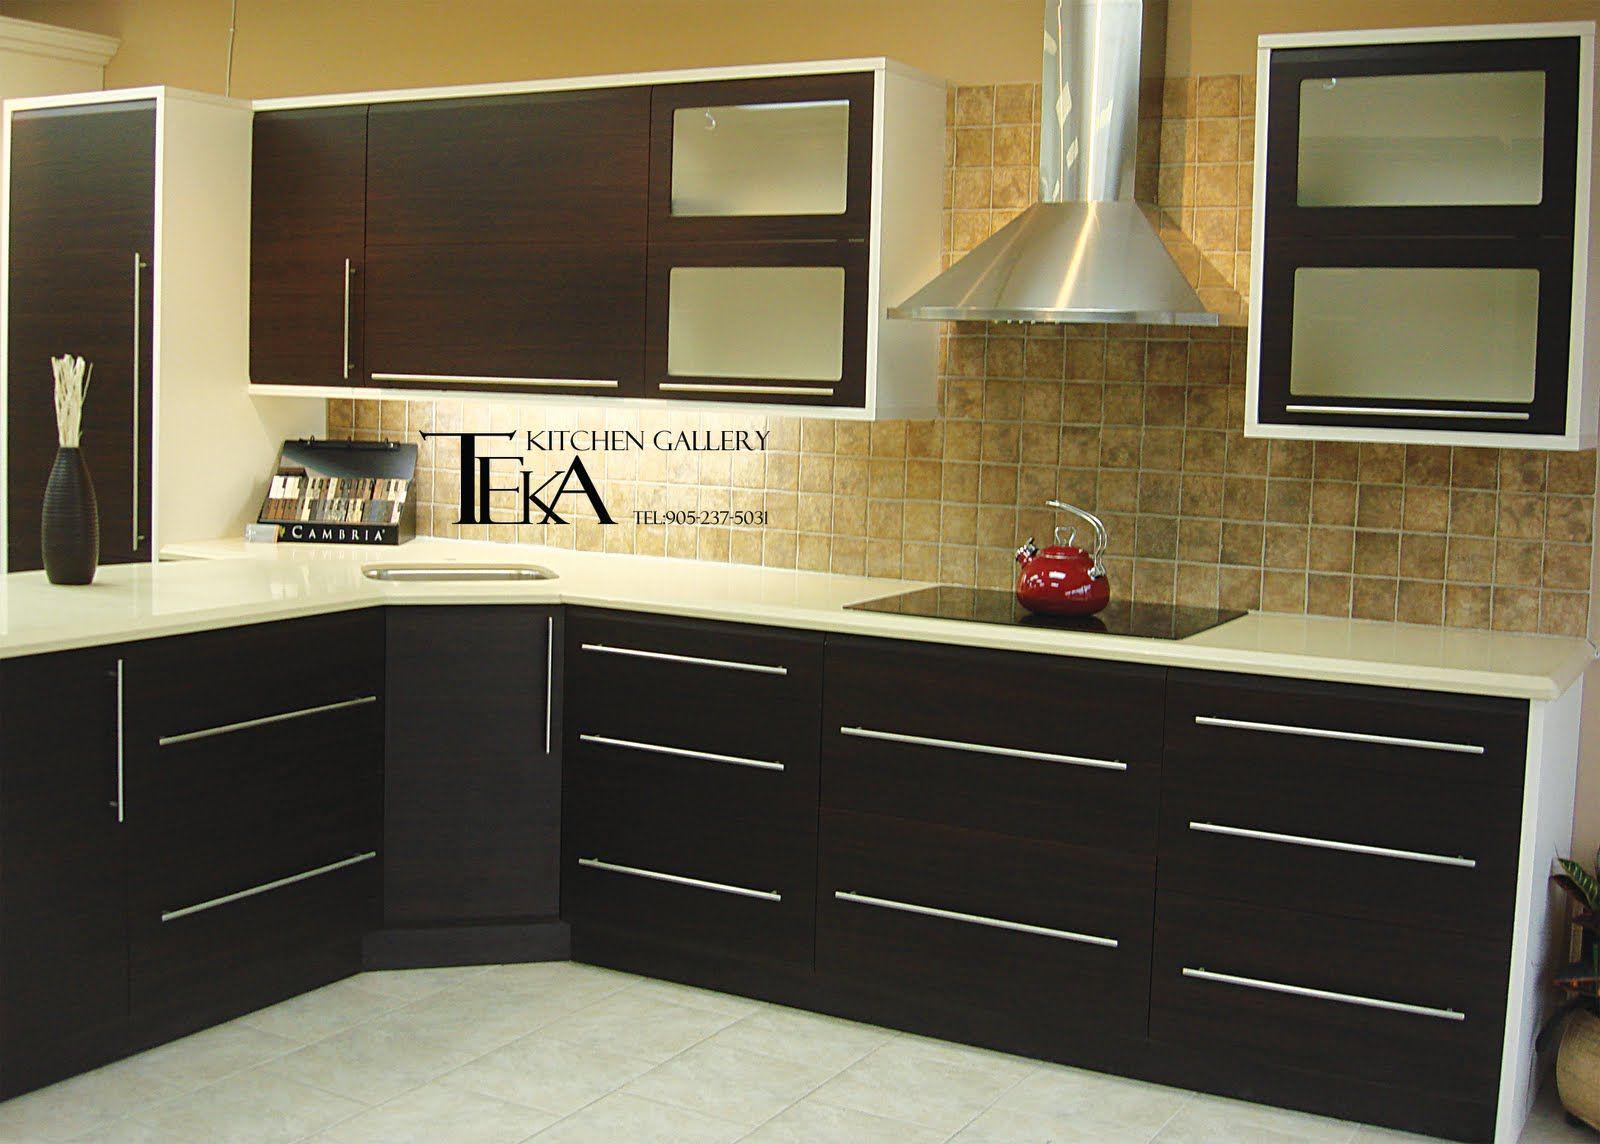 Küchen-design-schrank wie design küche schränke  casualdiningraum gepolsterte stühle